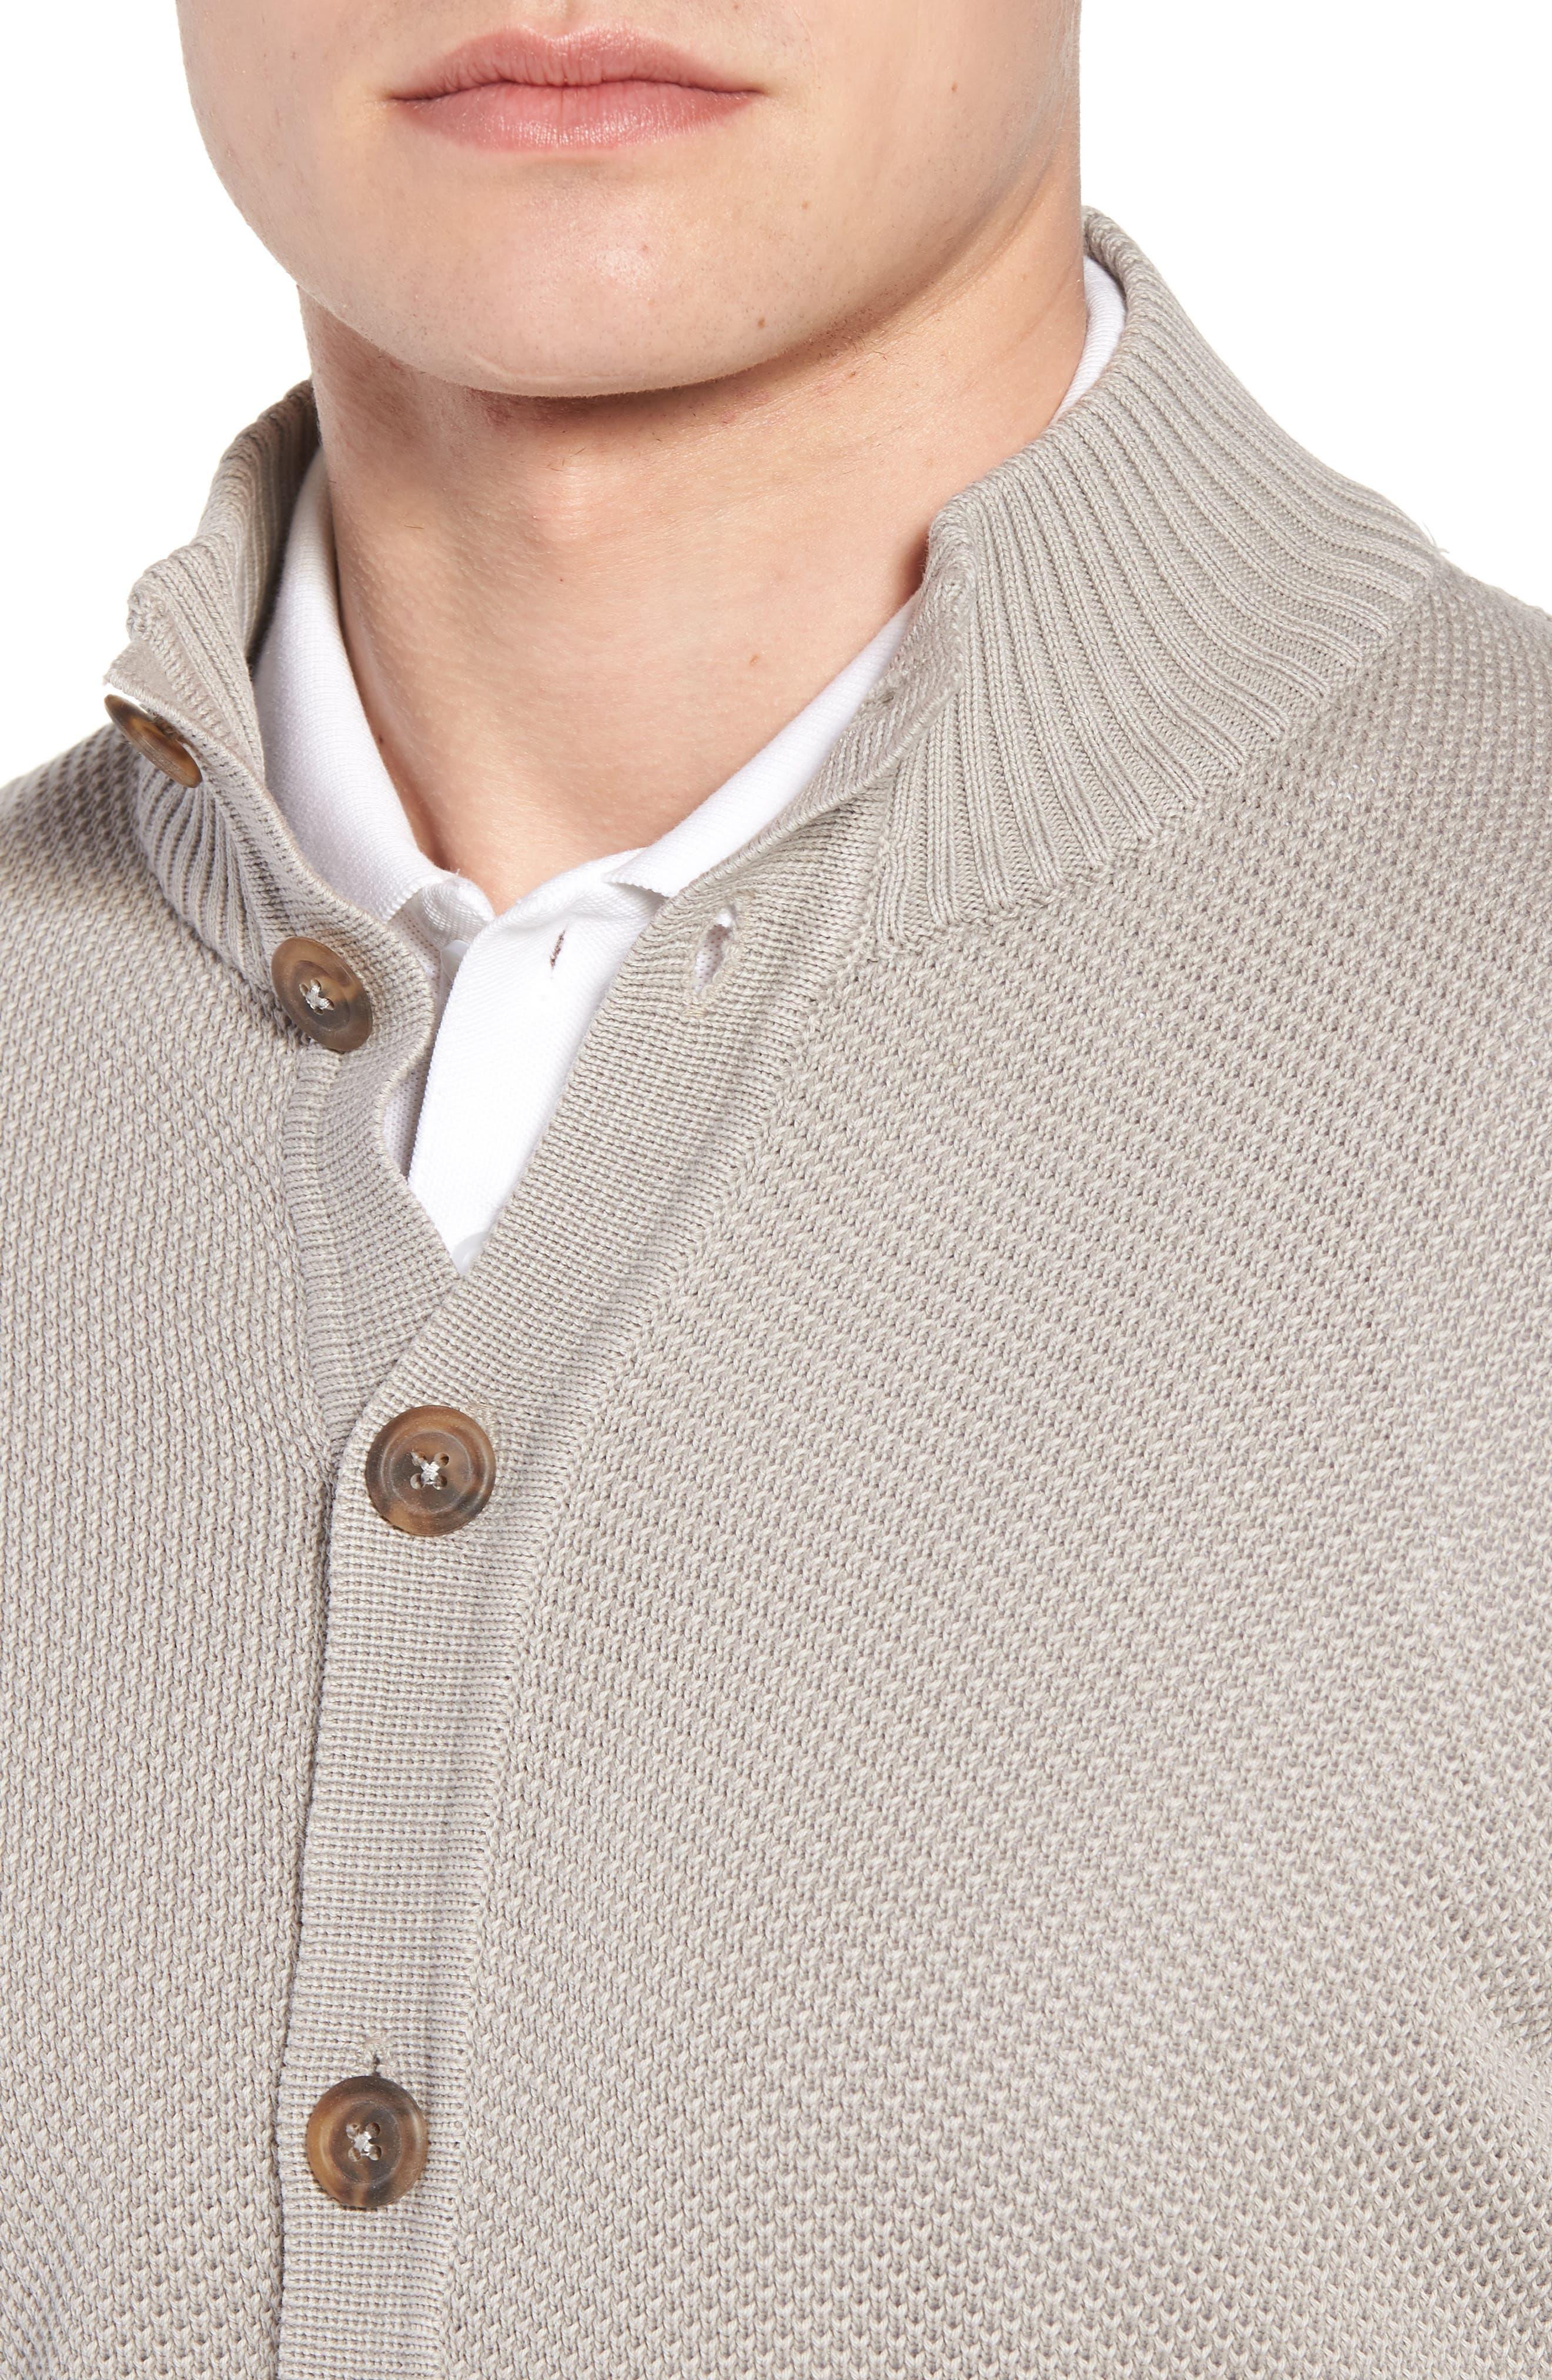 Stonewash Cotton Cardigan,                             Alternate thumbnail 4, color,                             Washed Stone